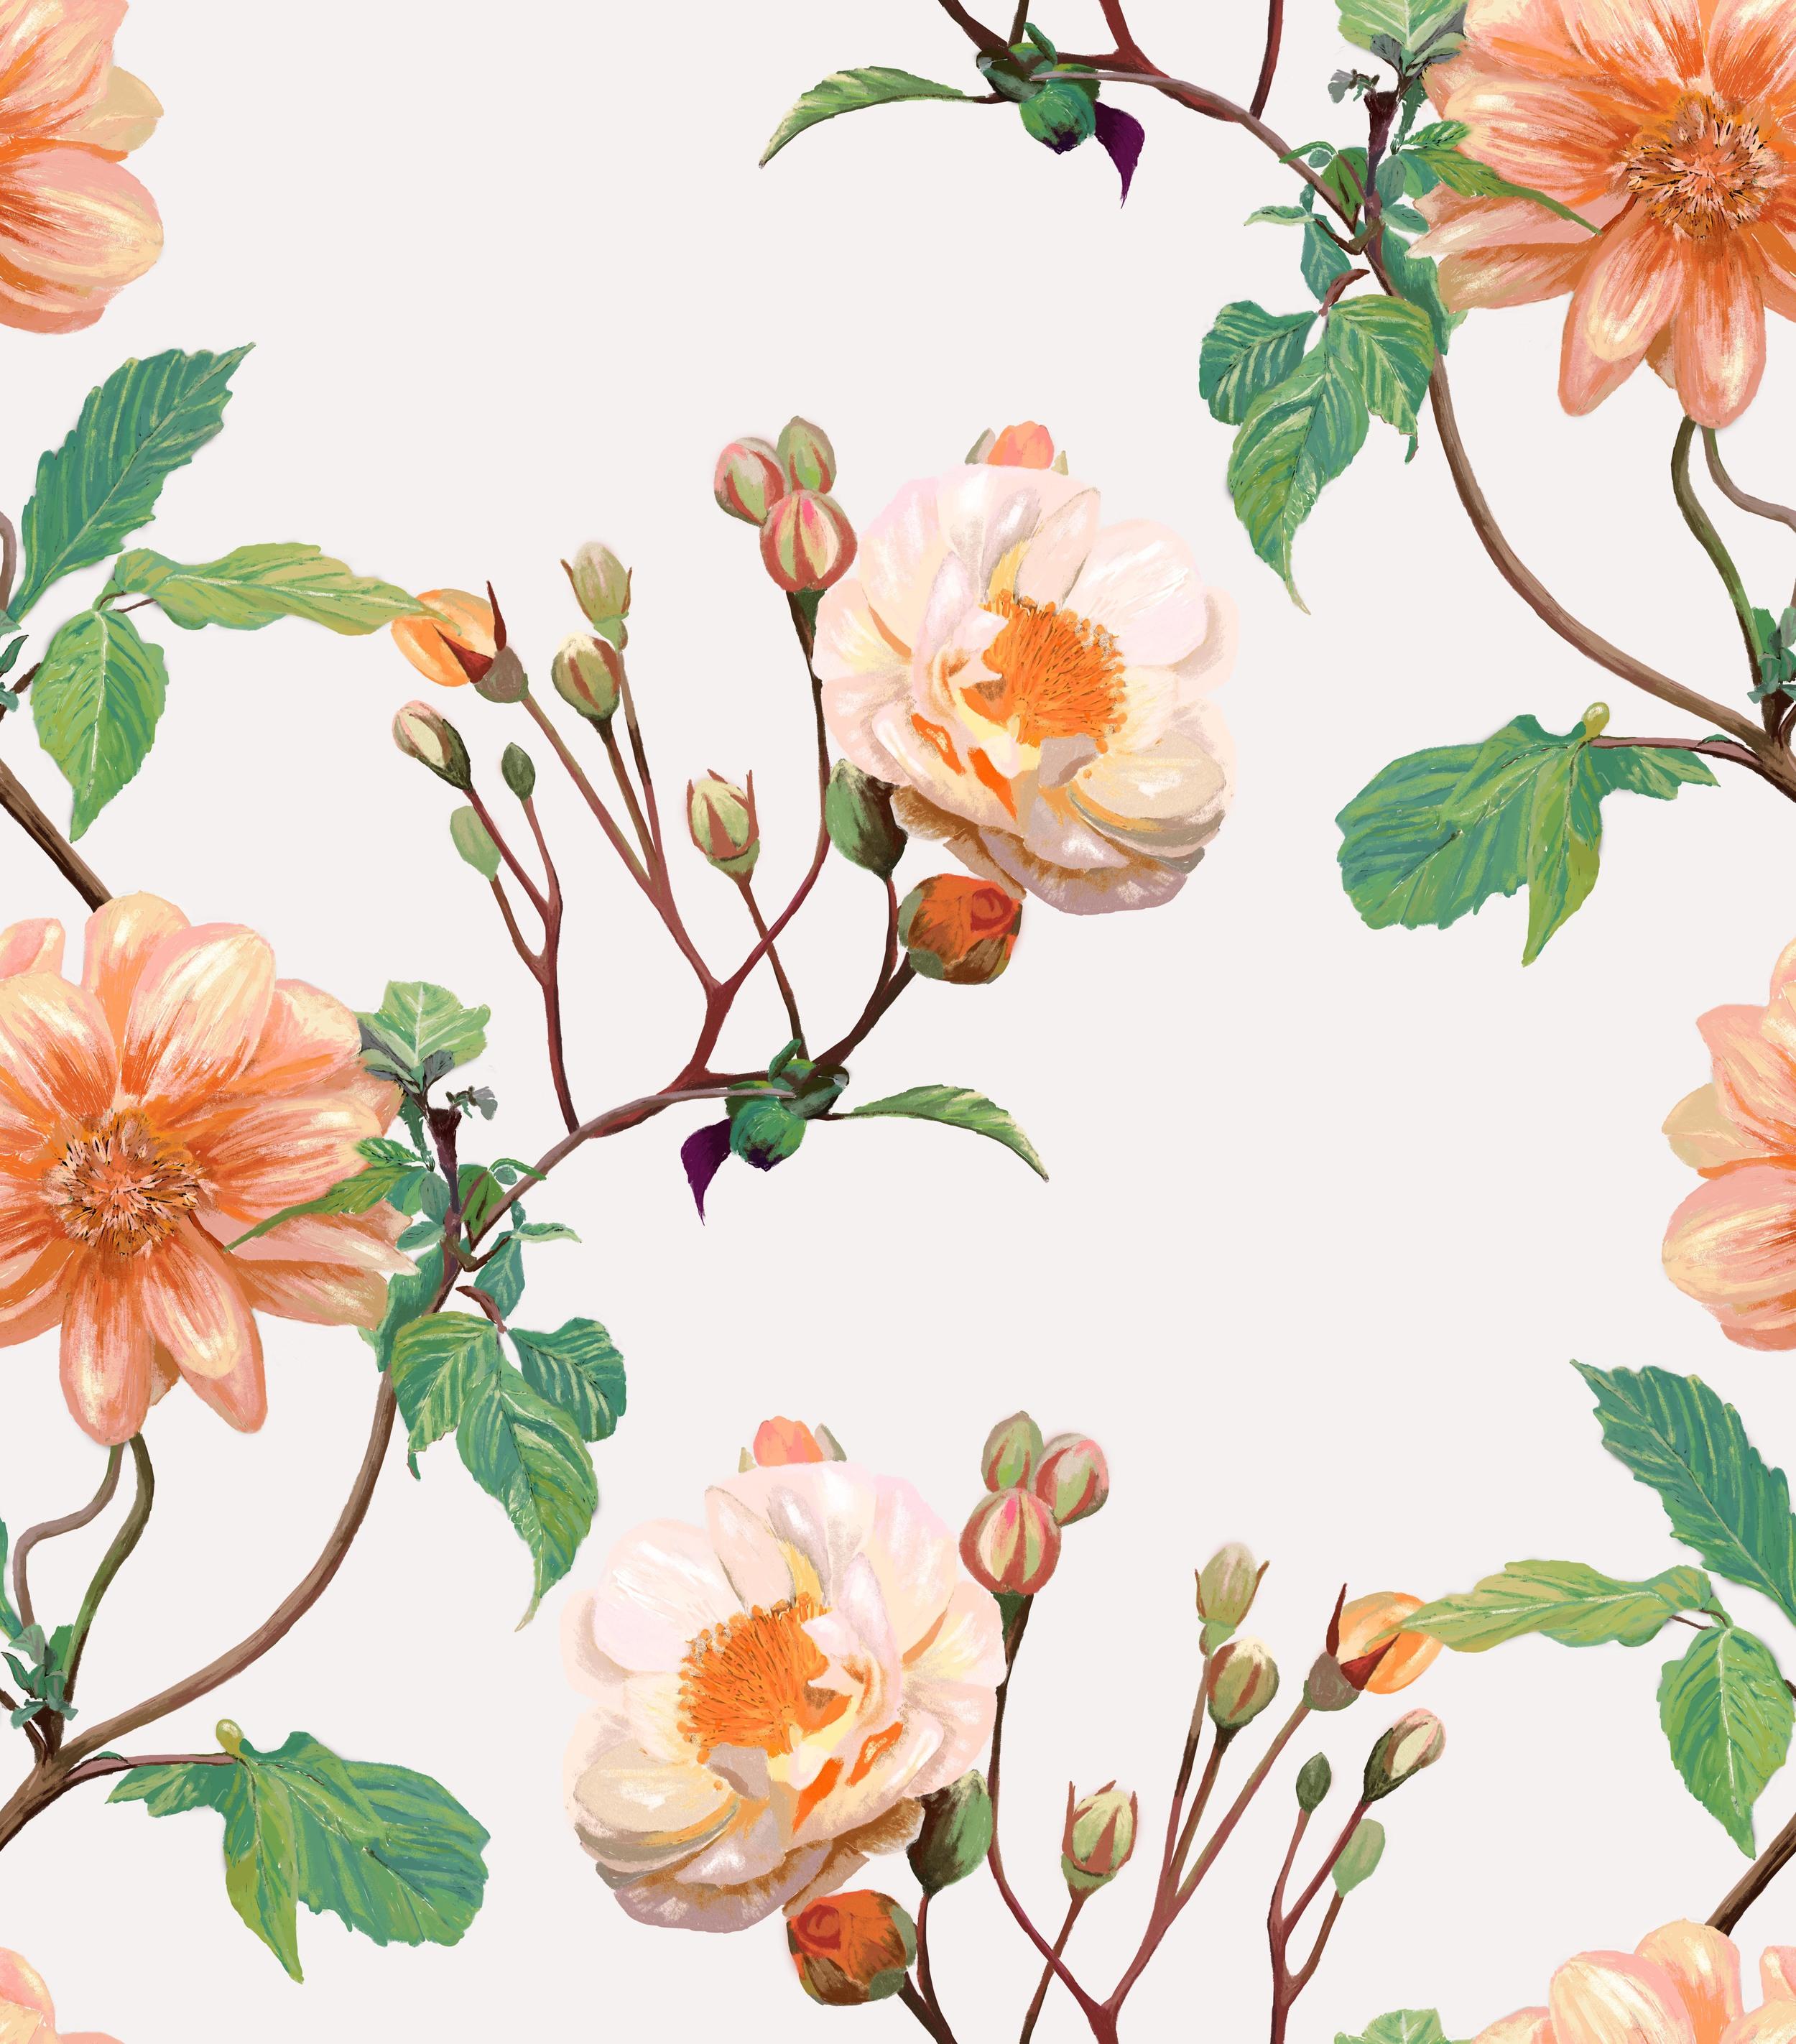 jumbo bloom invigorate.jpg